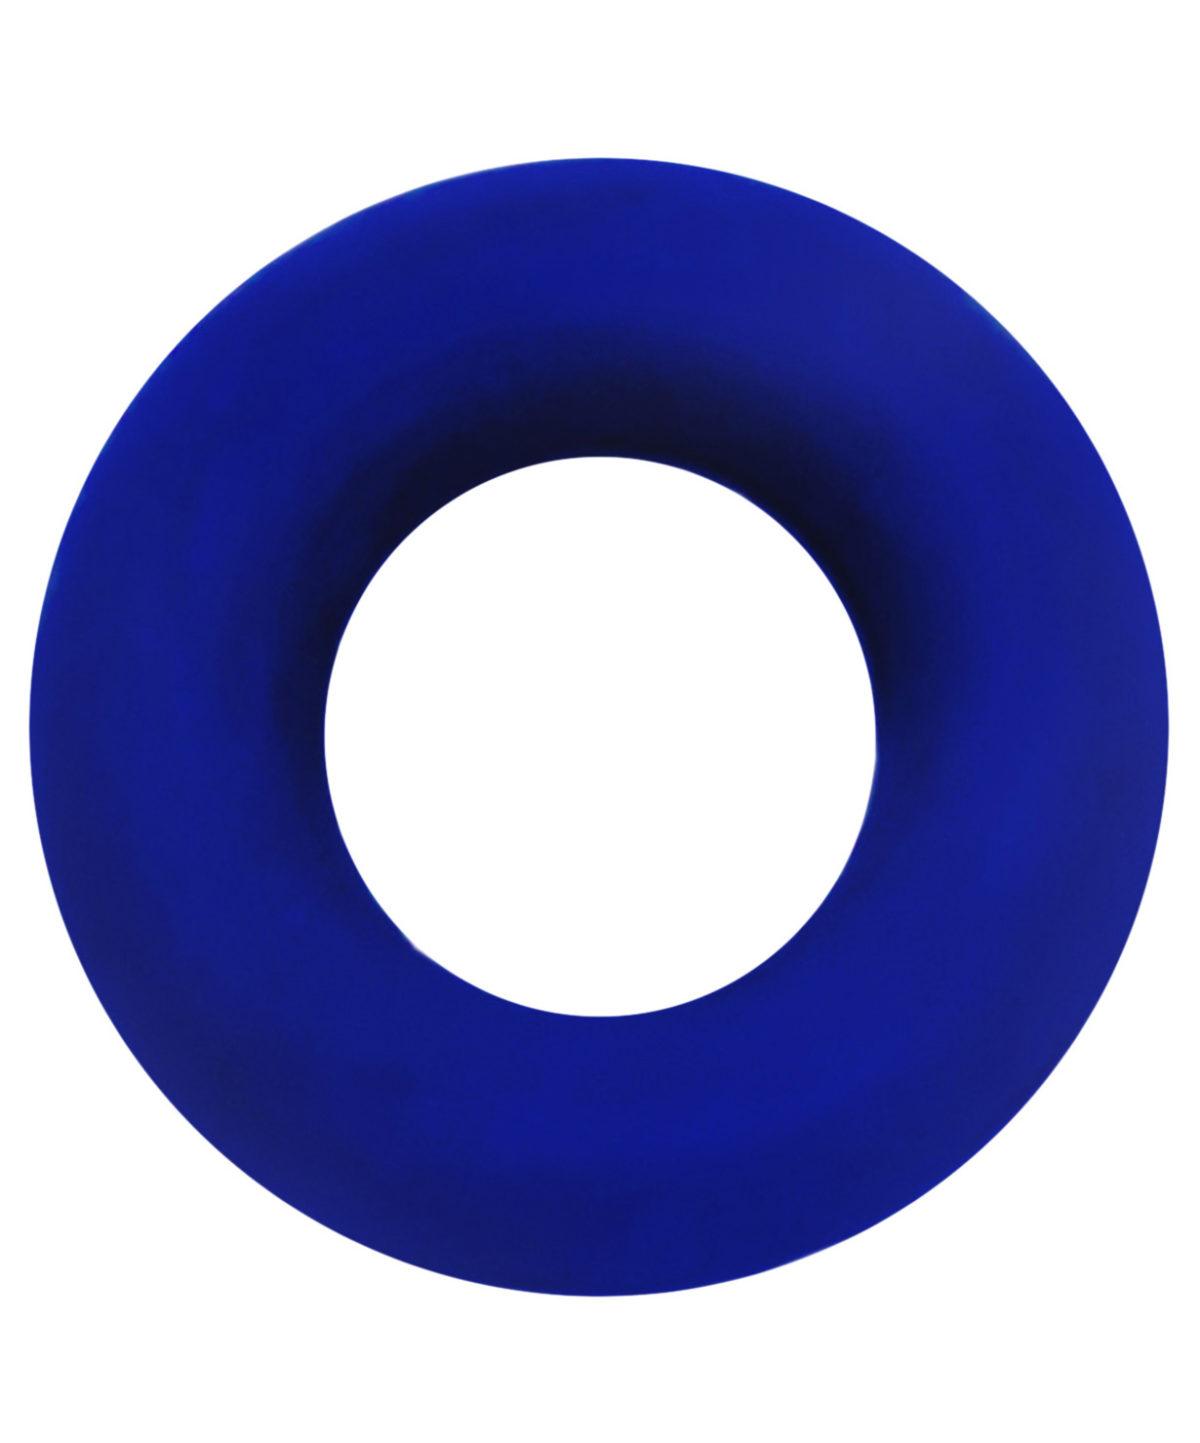 Кольцо эспандер кистевой взрослый 40 кг.  11440 - 1